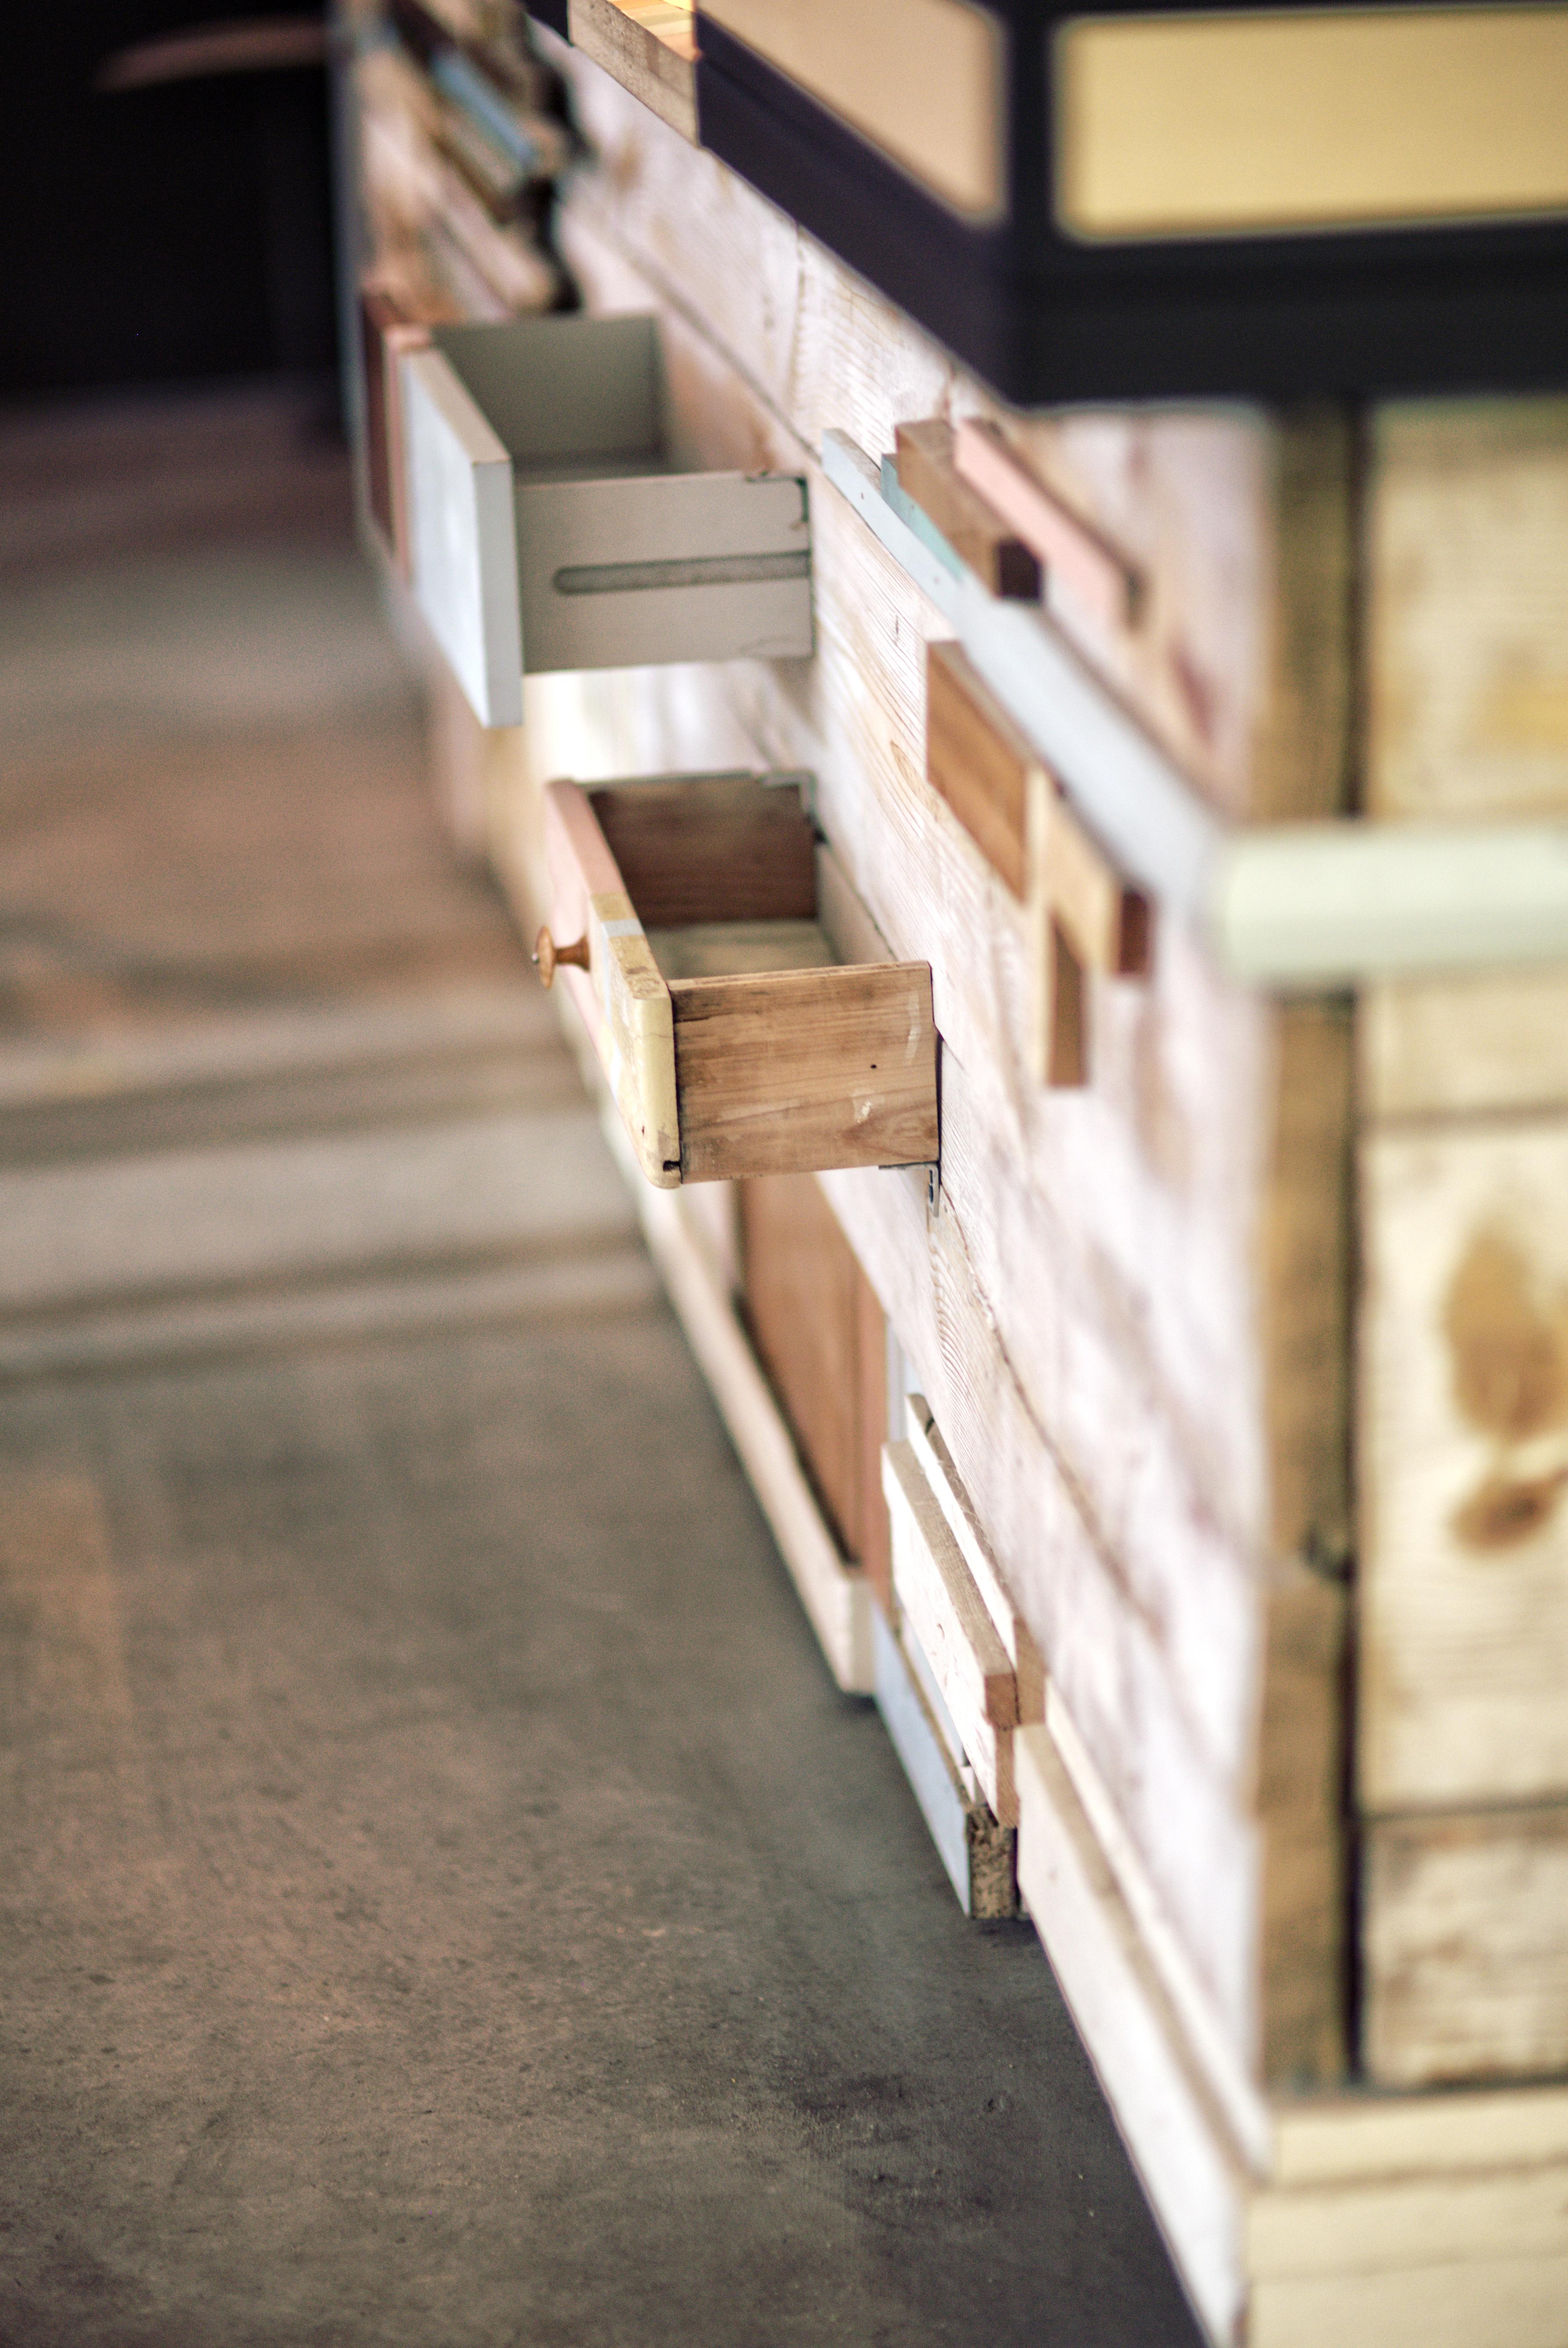 Kostenlose foto : Tabelle, Holz, Weiß, Haus, Stock, Innere, Zuhause ...